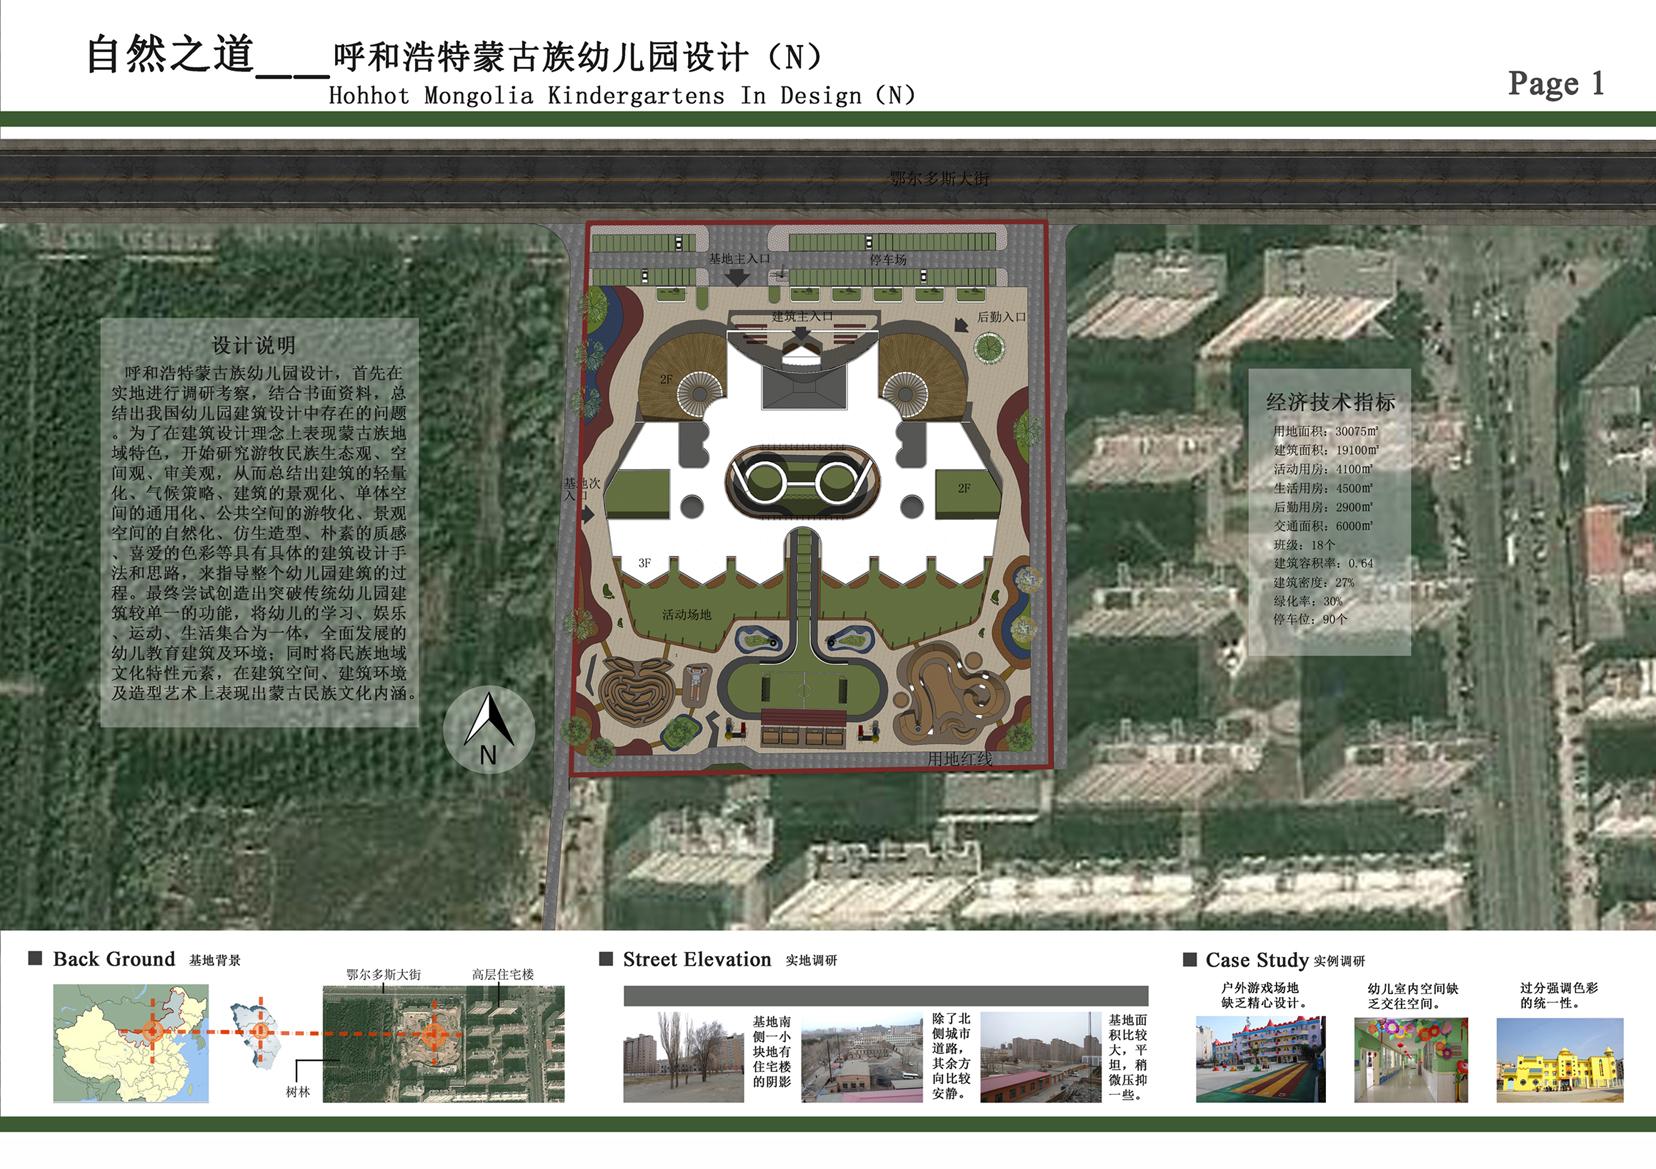 蒙古族幼儿园建筑设计方案 第1张